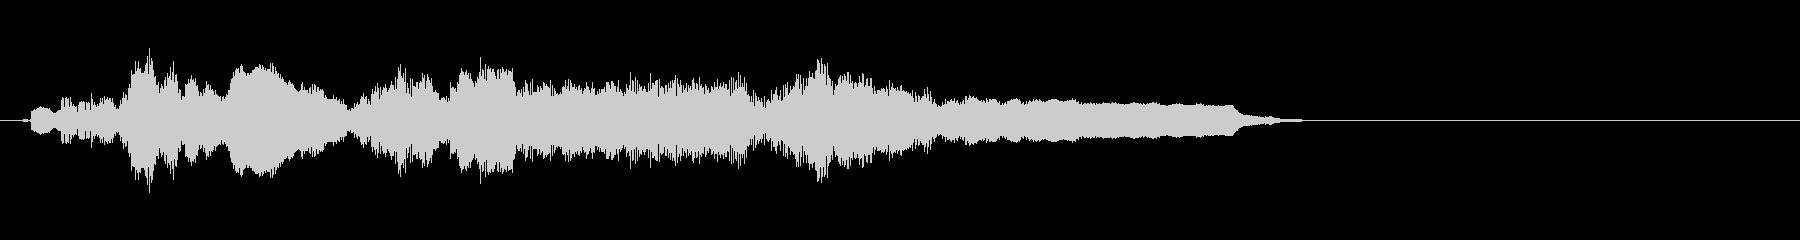 セーブポイント、宿、などのジングルの未再生の波形